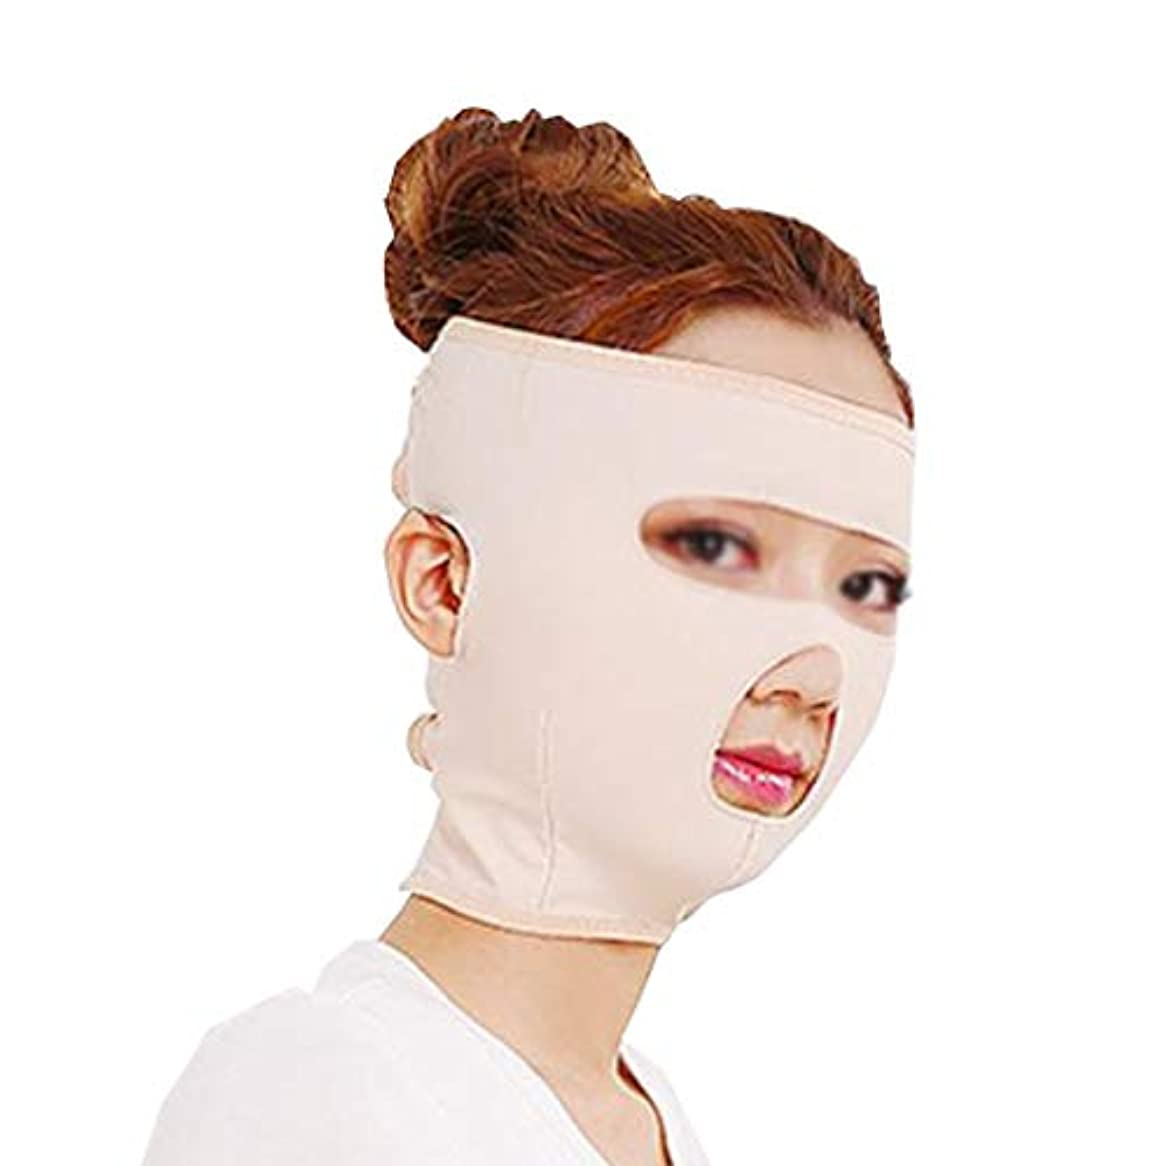 禁止する承認中でZWBD フェイスマスク, 強力なフェイスマスクフェイスマスクフェイスウェイトバンデージファーミングフェイスマスクフェイスマスク